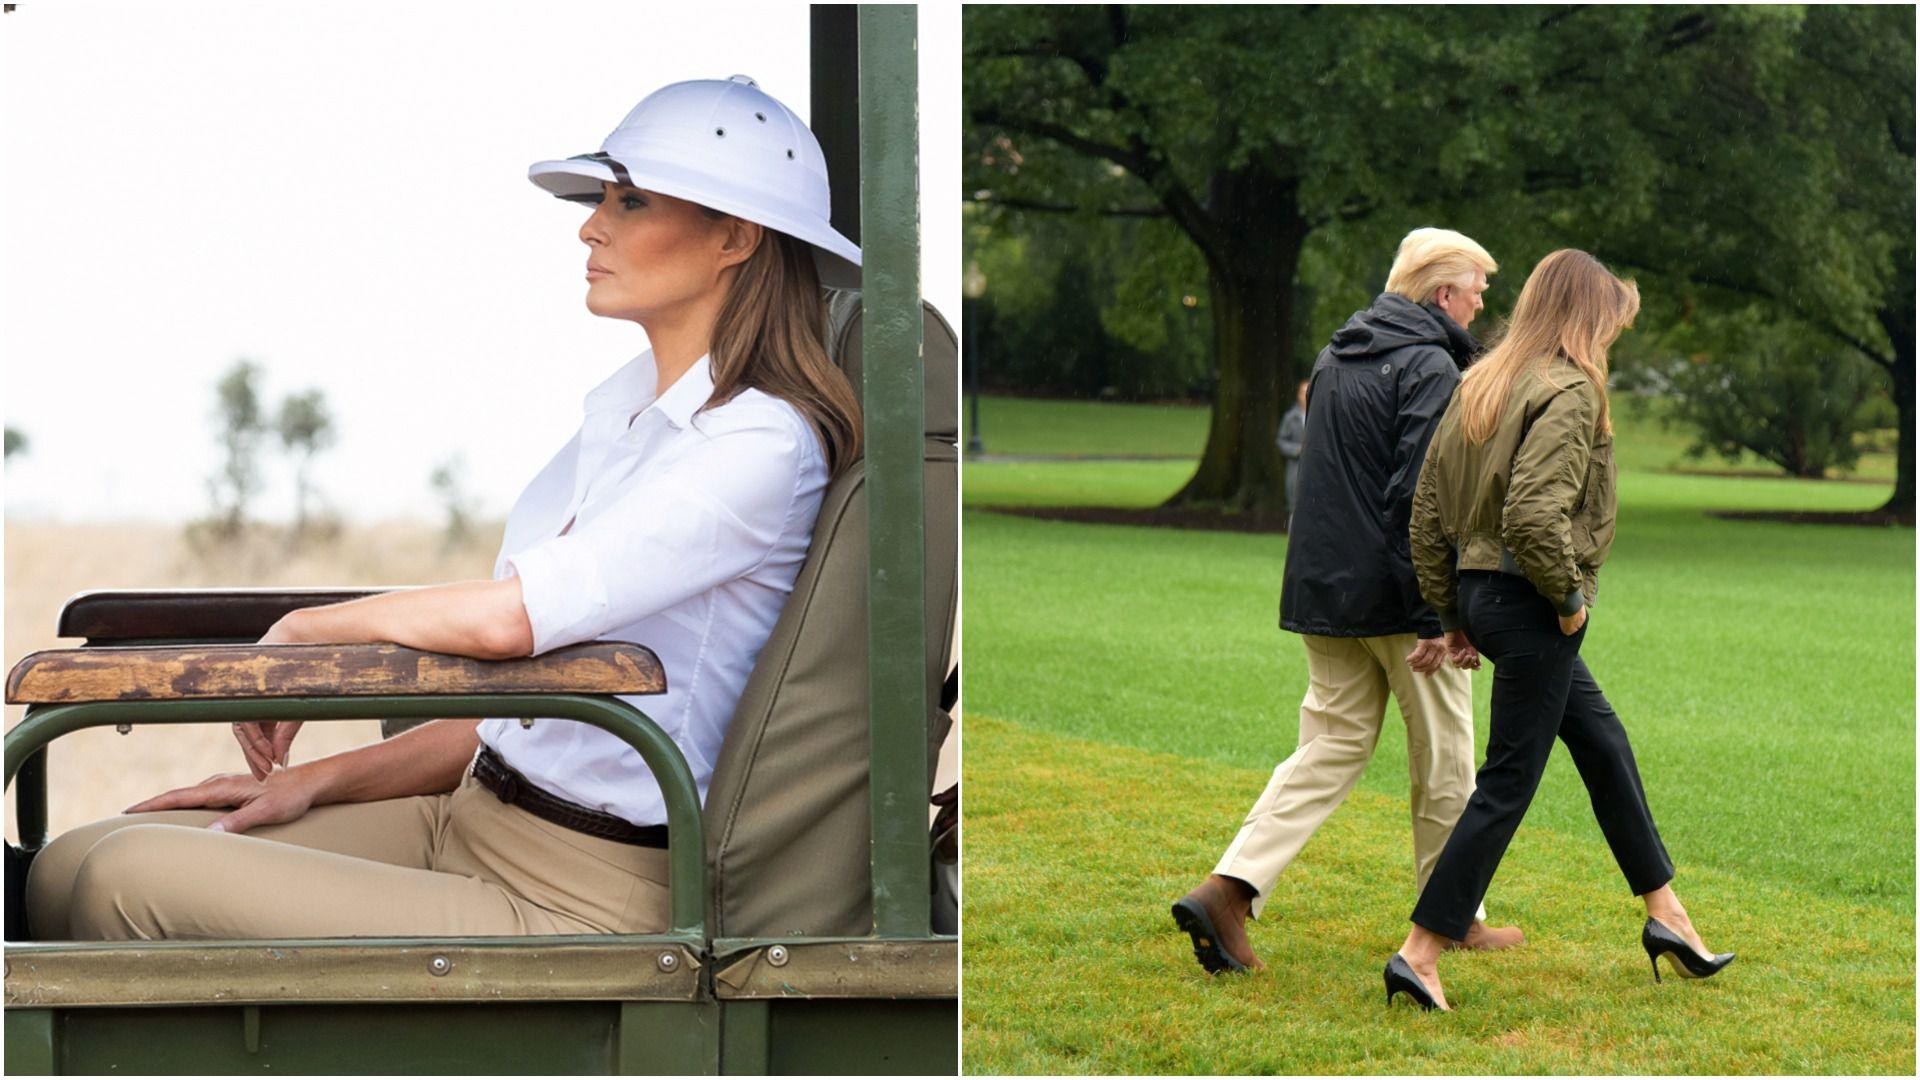 Najkontroverzniji outfiti Melanije Trump od inauguracije: Jakna s natpisom 'Nije me briga, a vas?', štikle za poplavu...